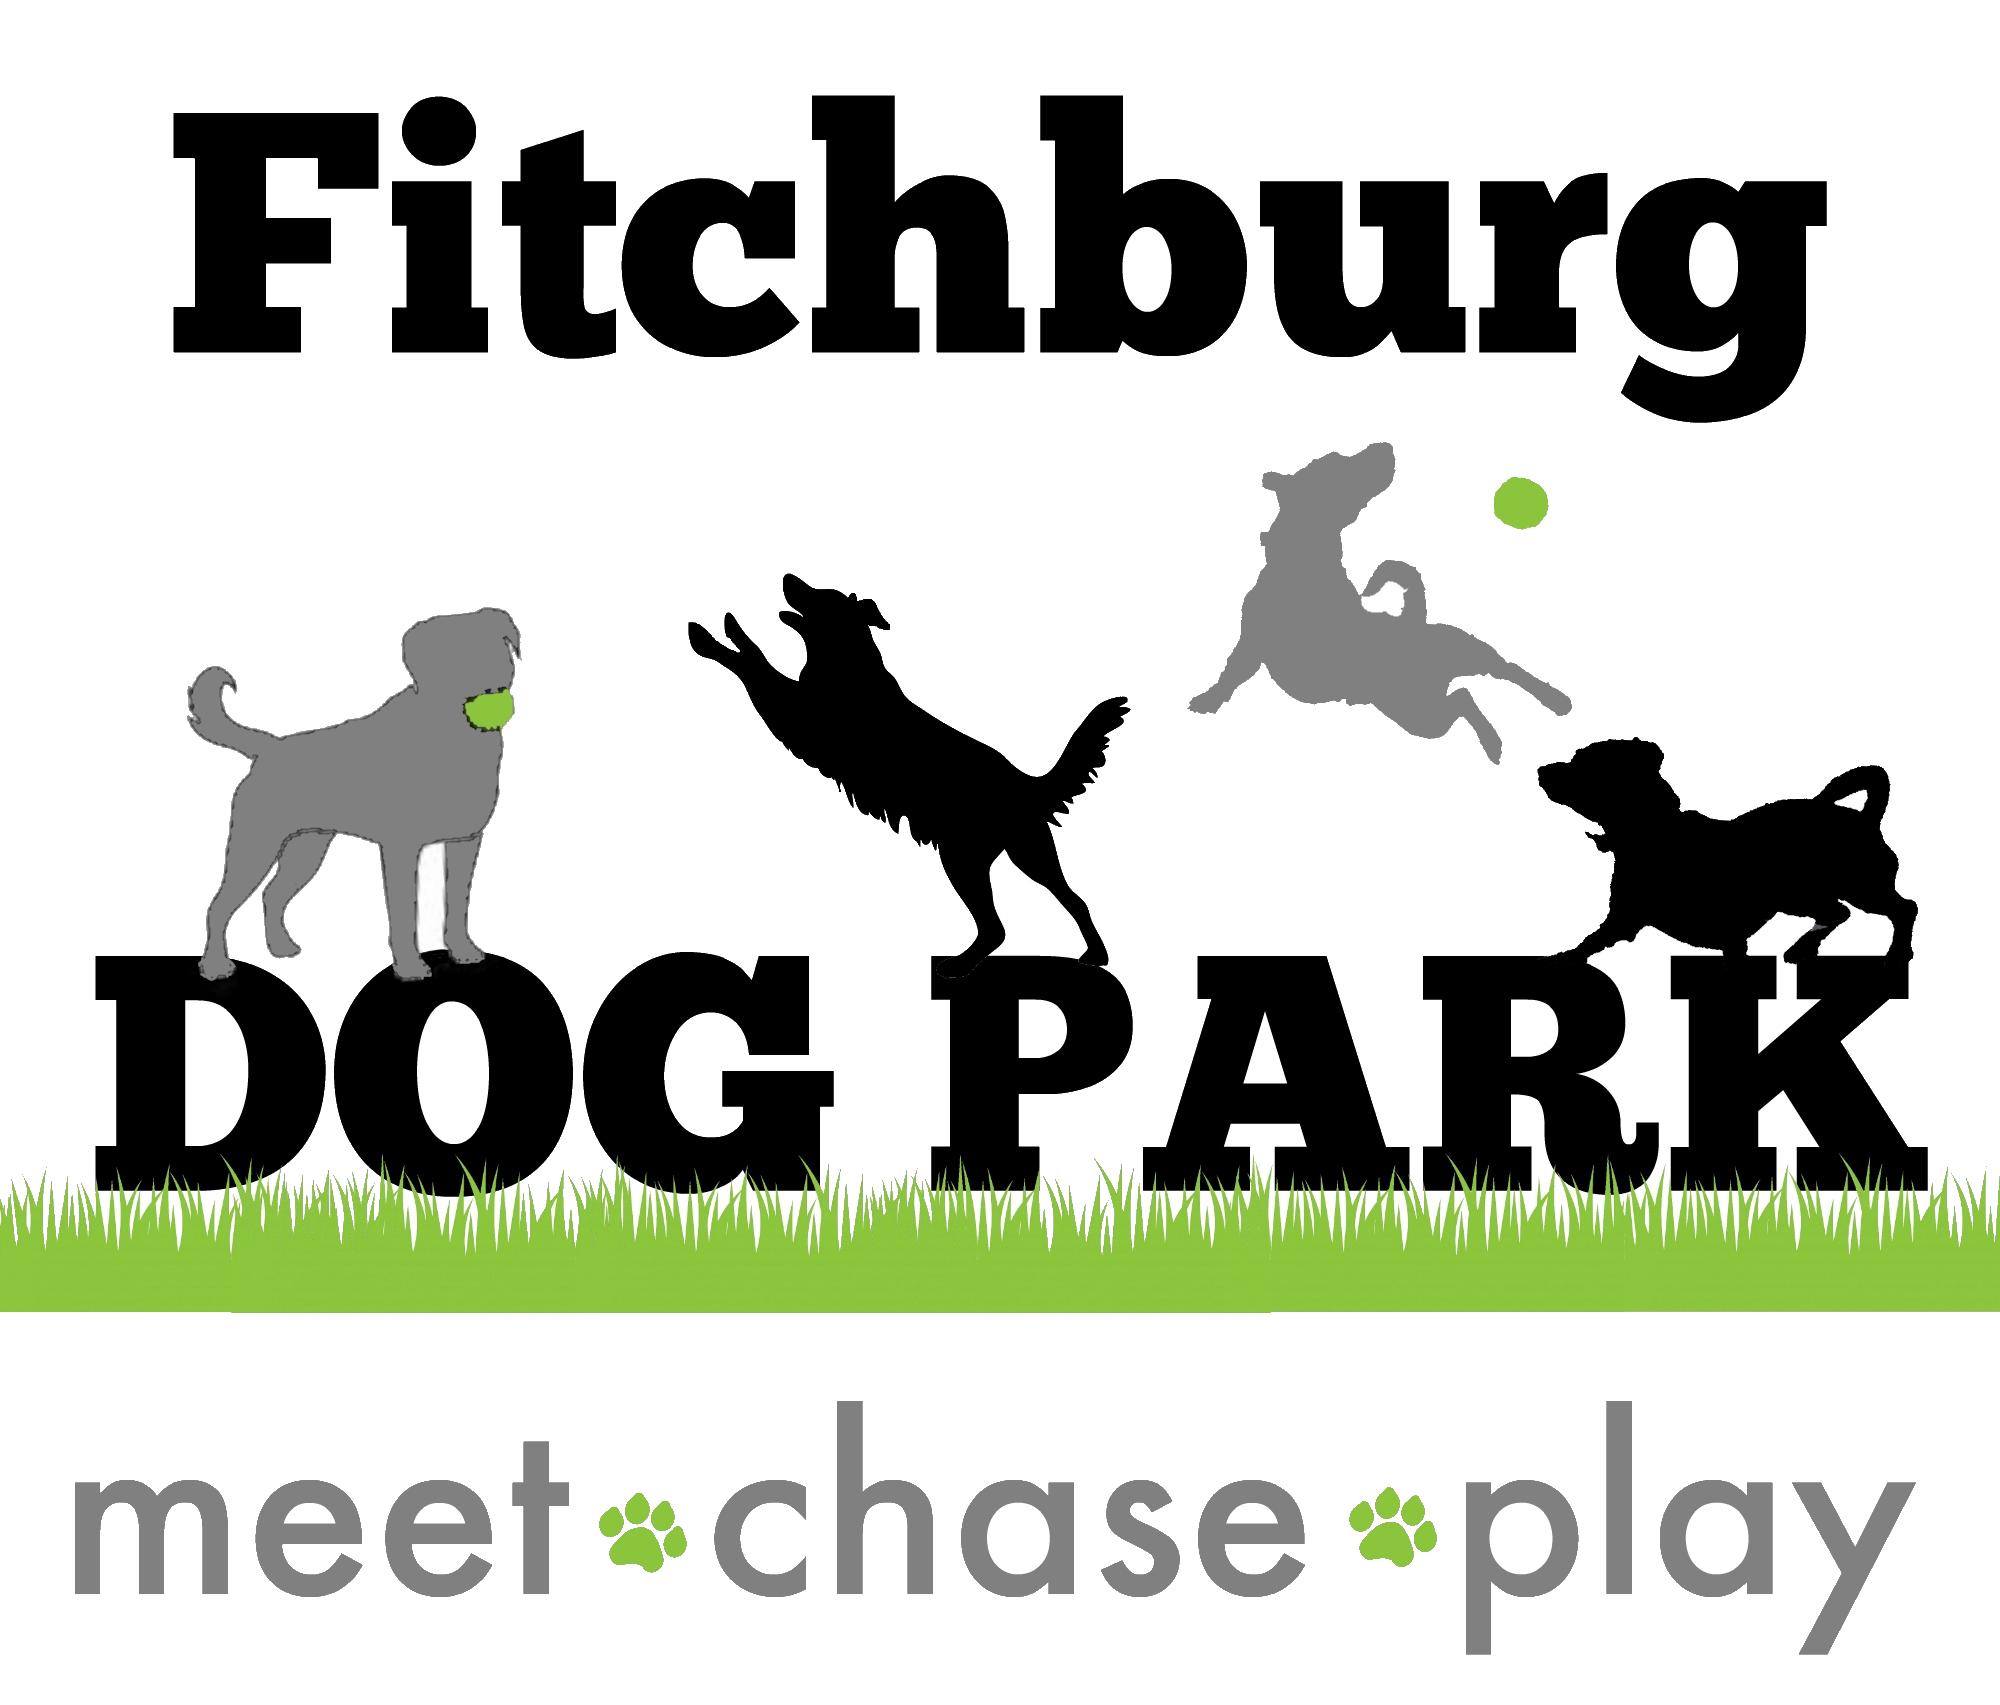 fitchburg dog park logo 7-15 2.png